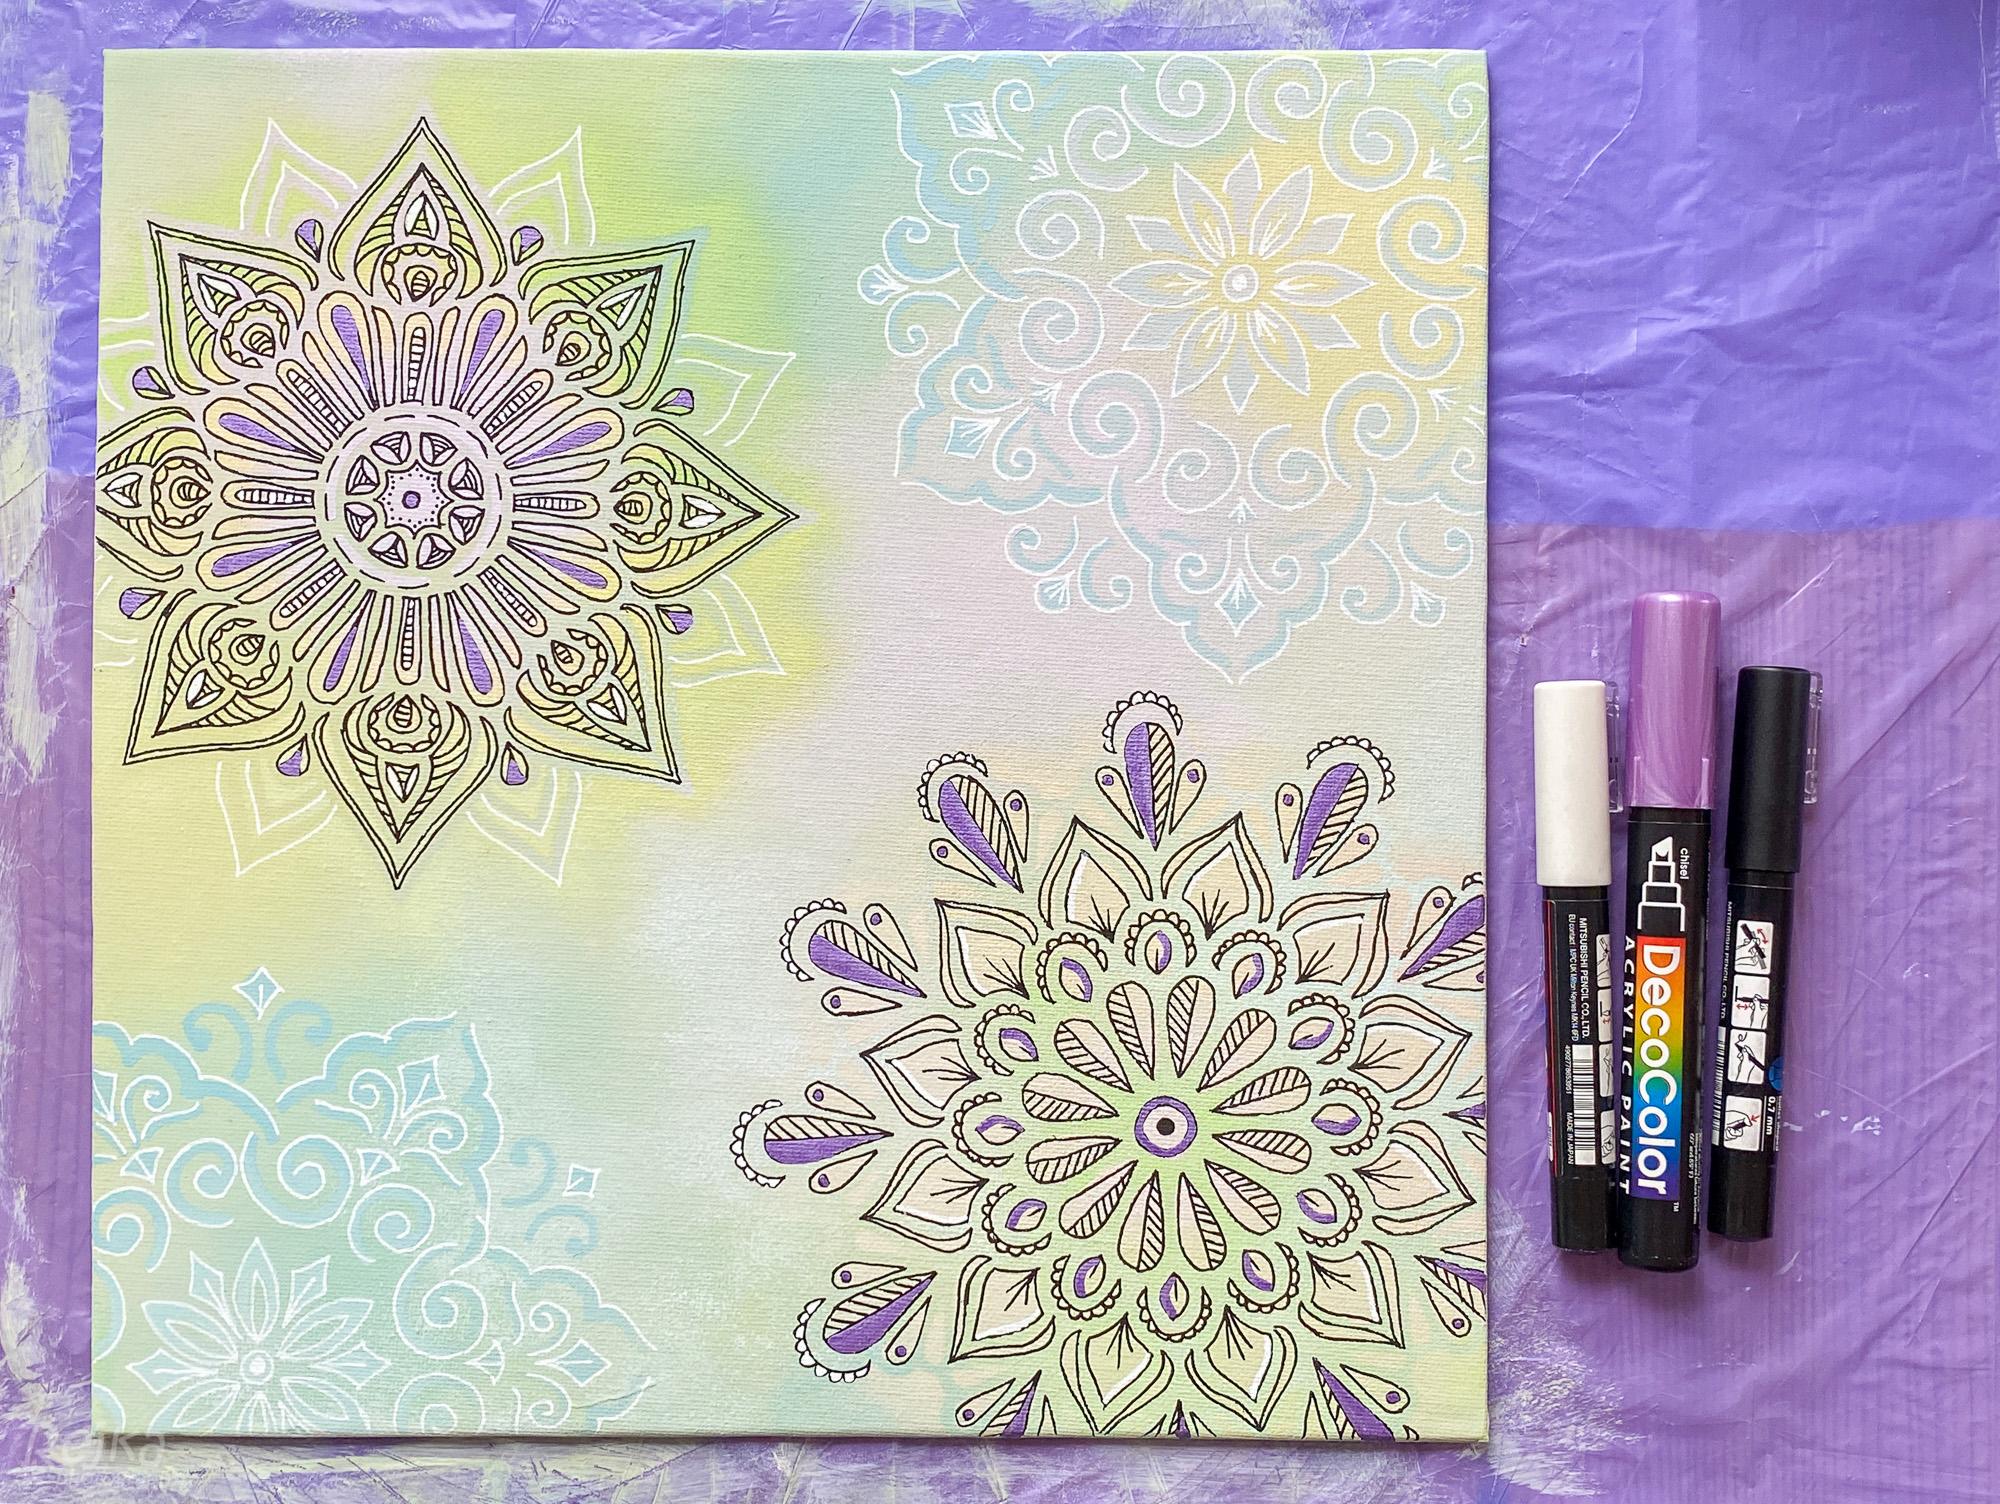 Obraz s mandalami v pastelových barvách